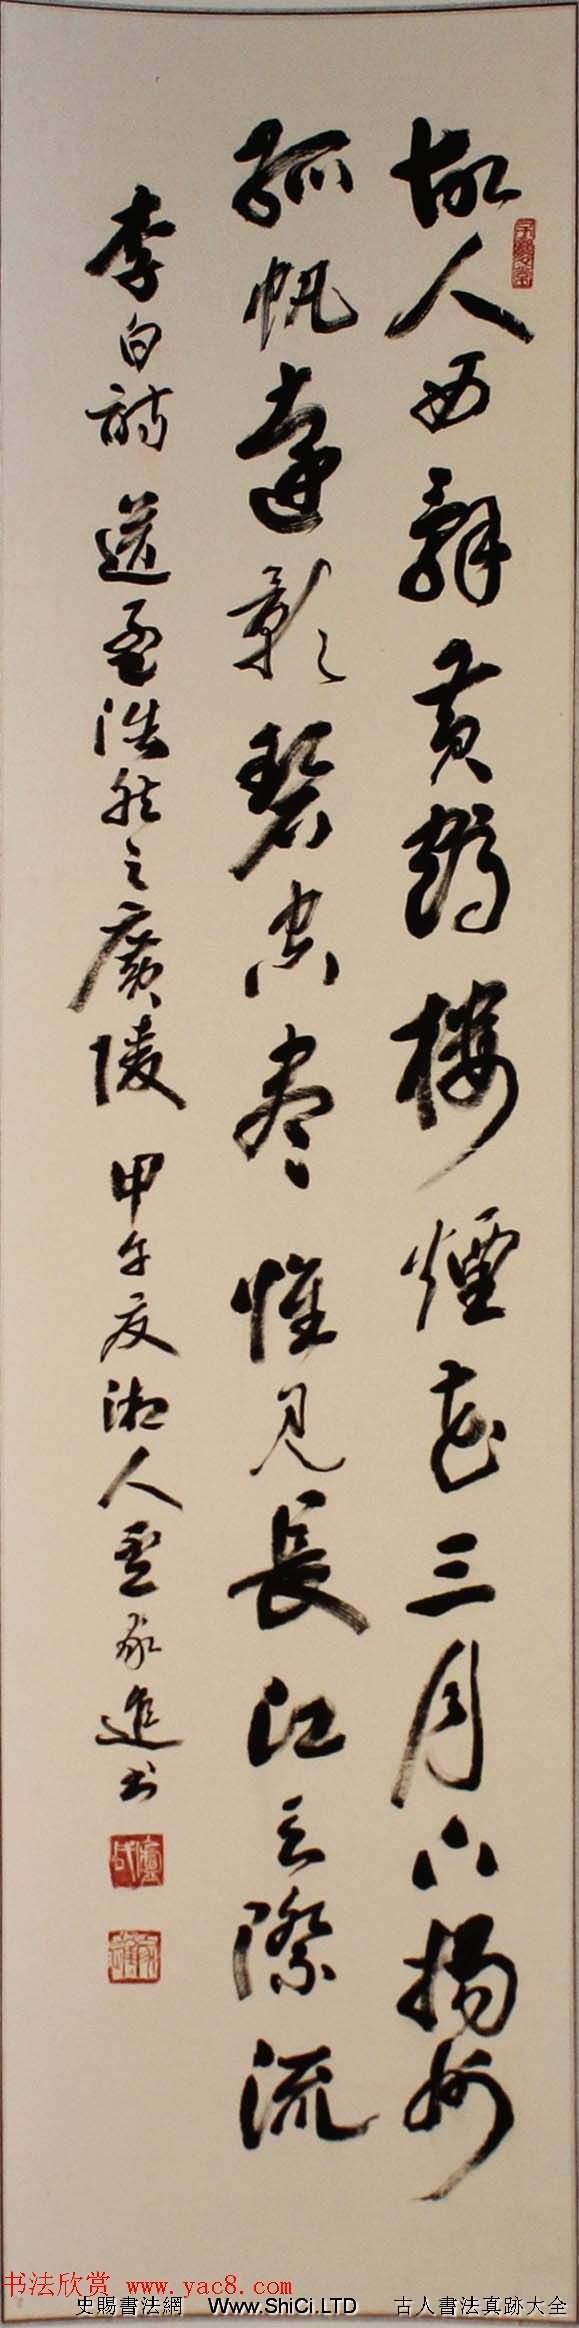 首屆長江杯全國書法展入展作品真跡選刊70幅(共70張圖片)